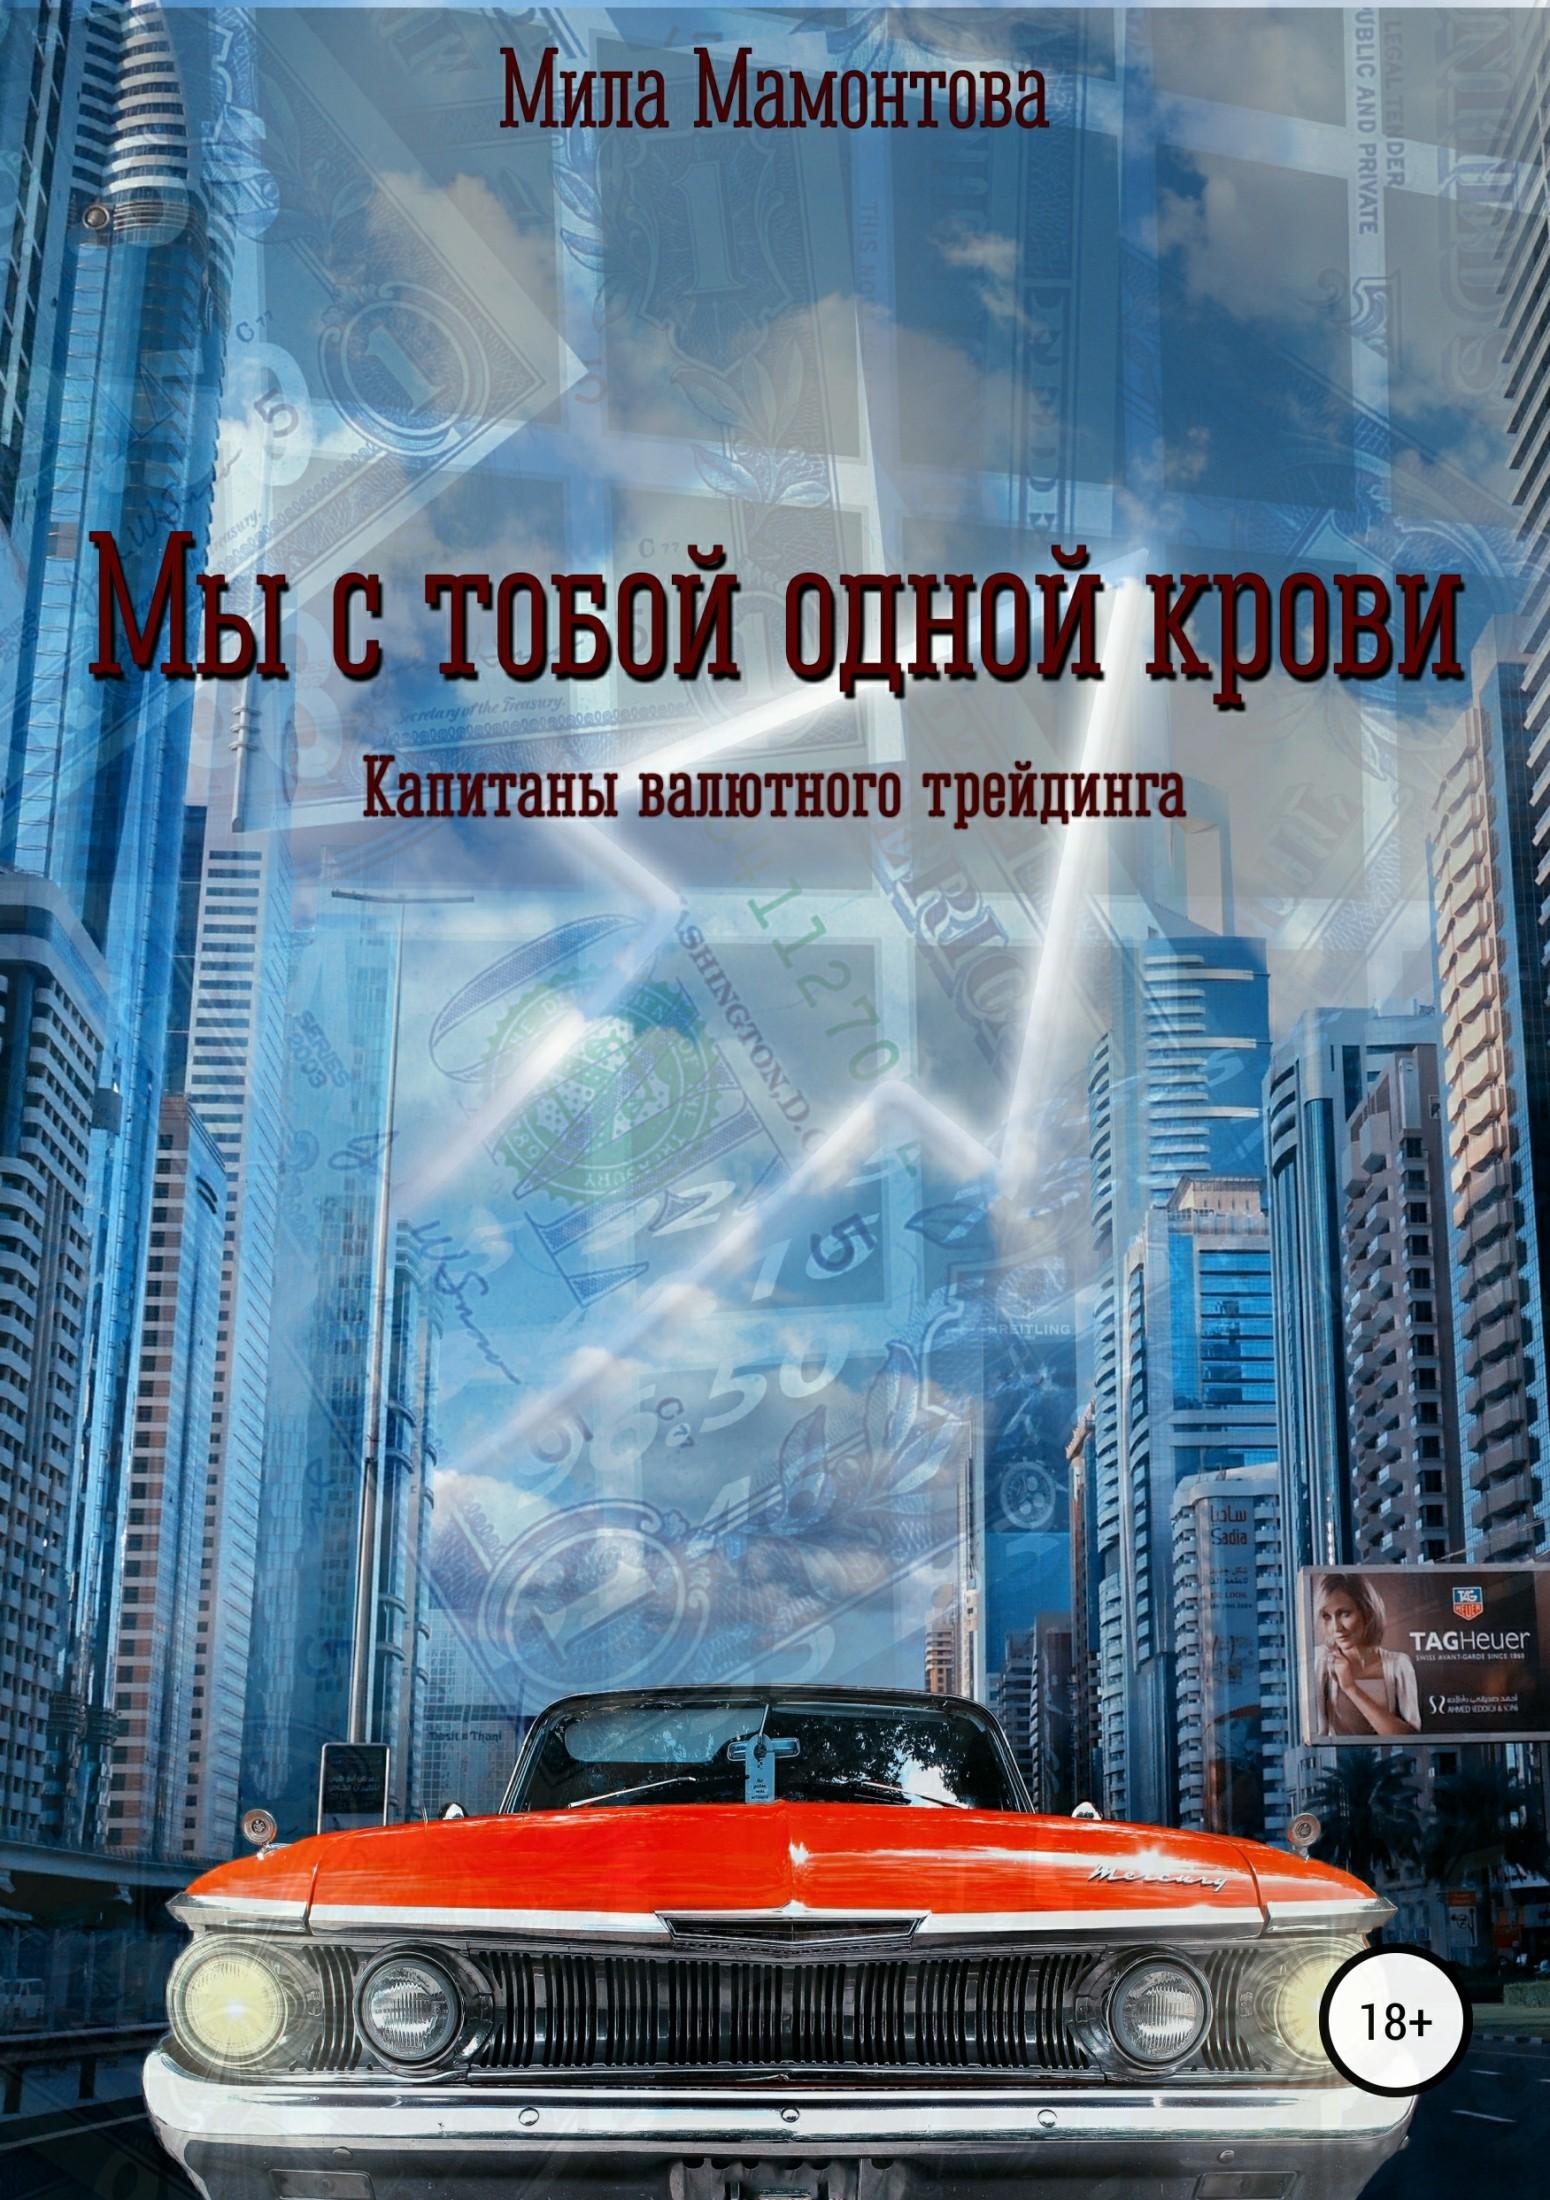 Обложка книги. Автор - Мила Мамонтова